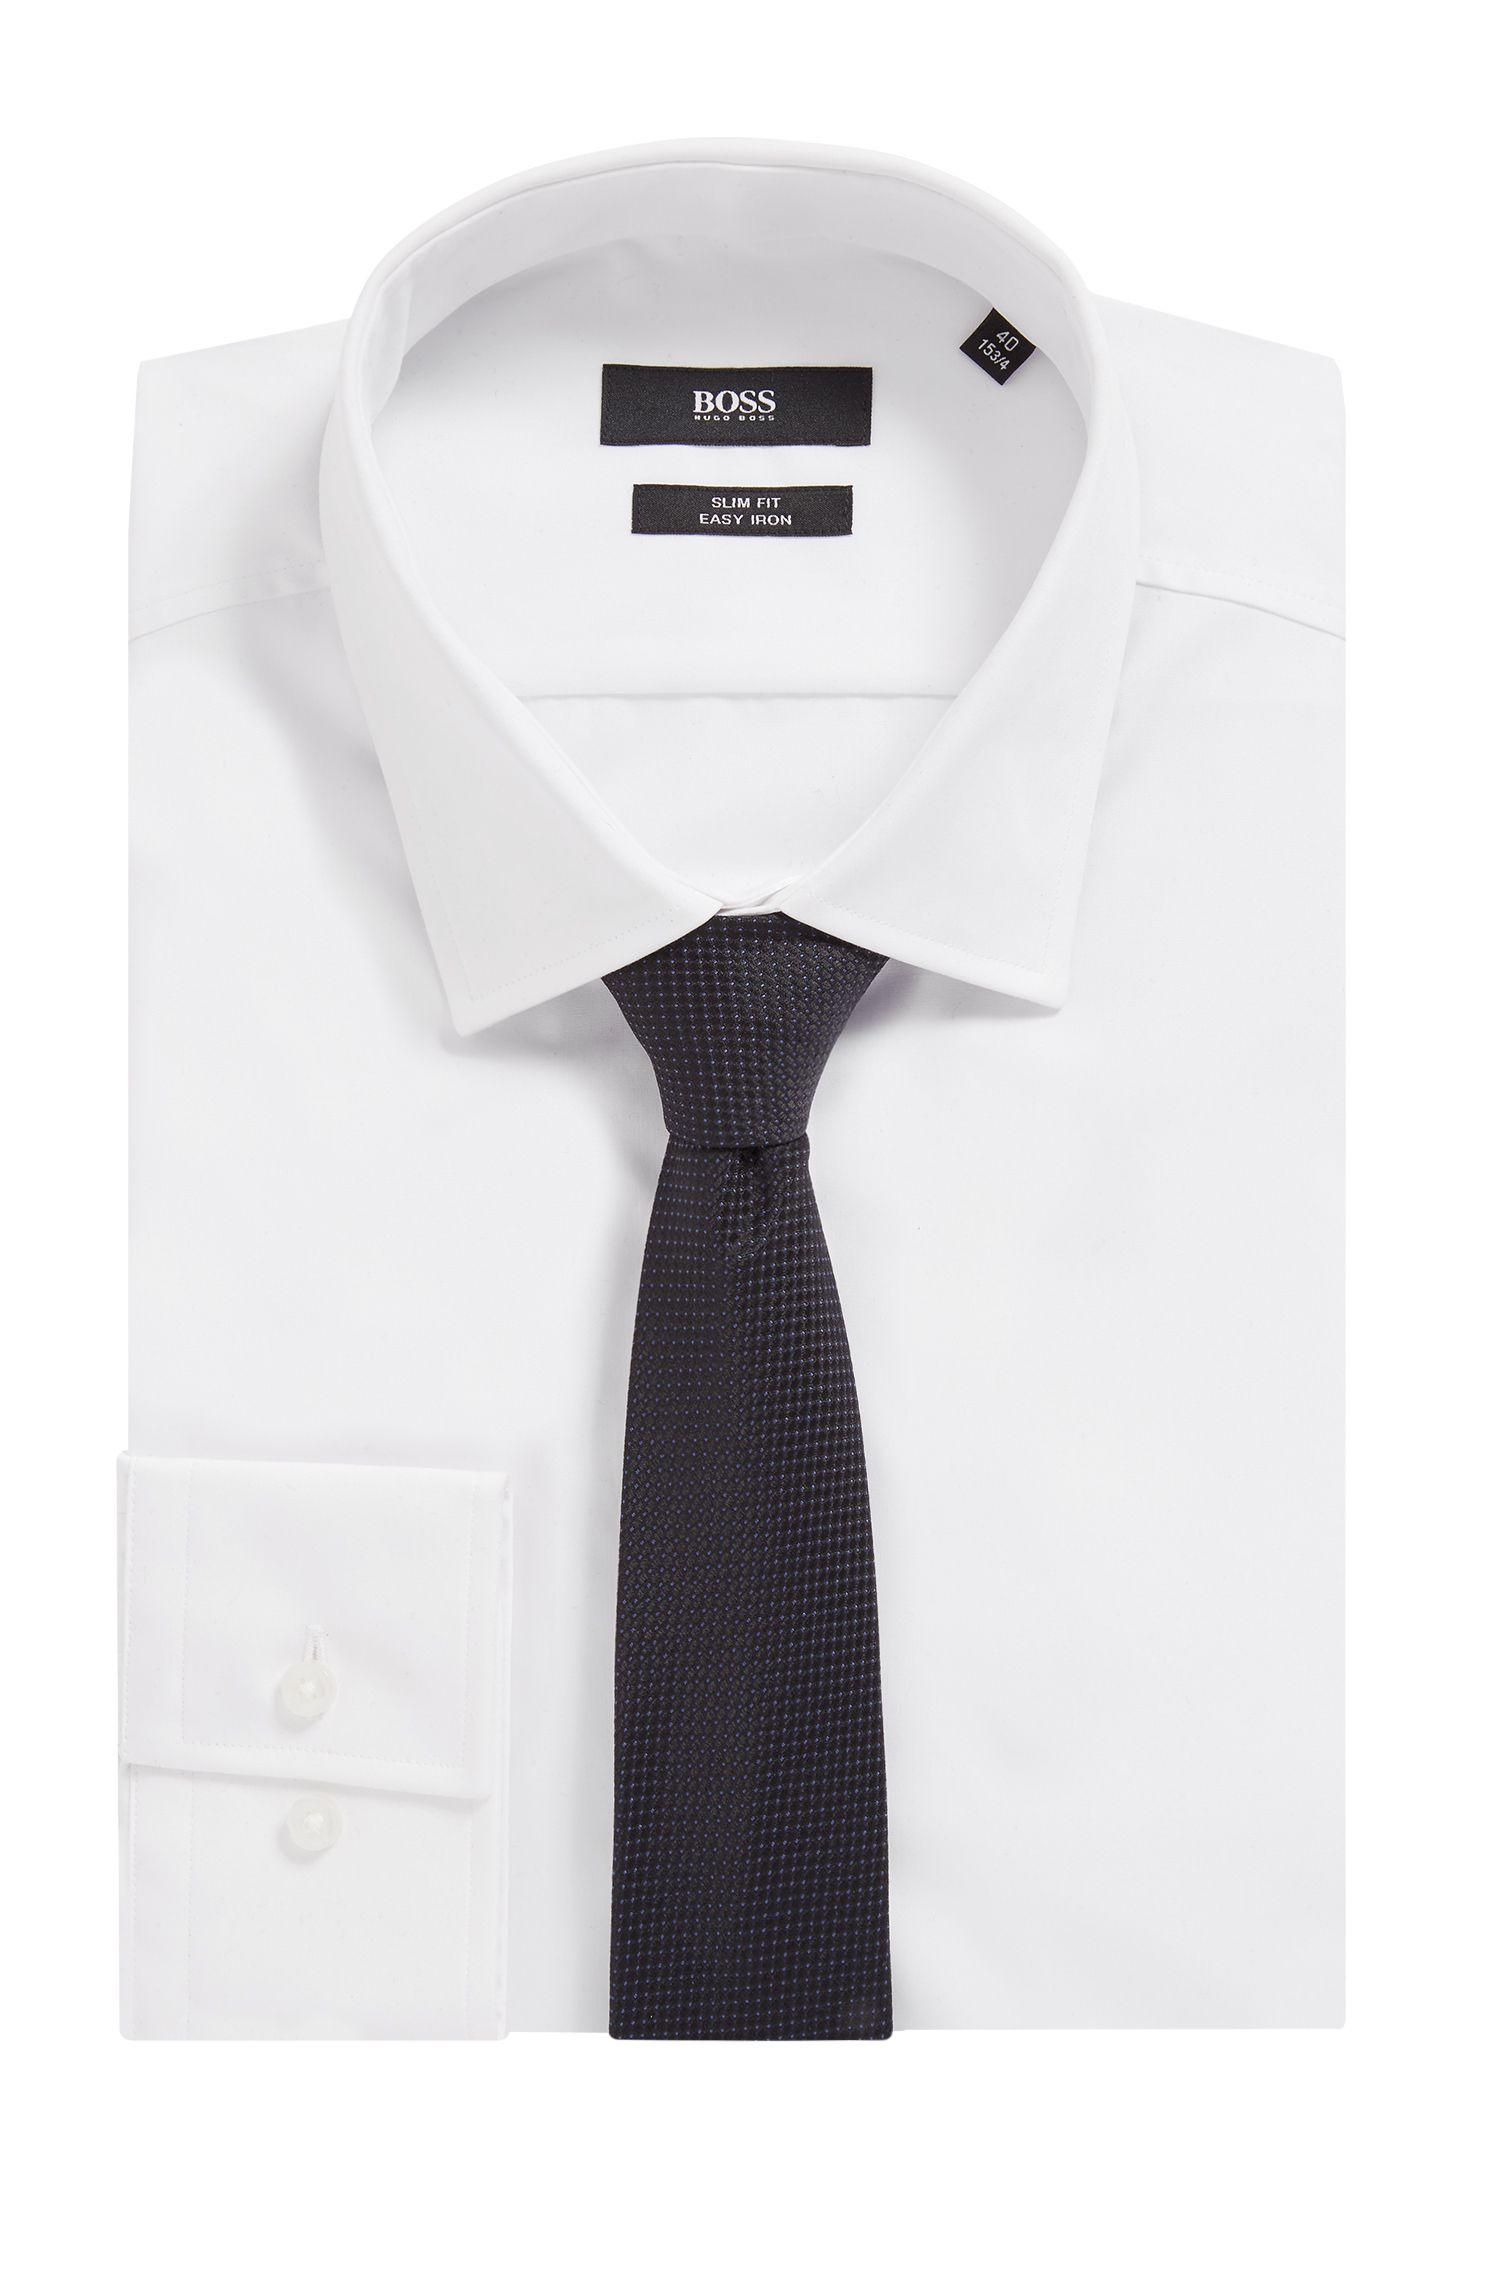 Cravate en jacquard de soie confectionnée en Italie, à micromotif, Noir